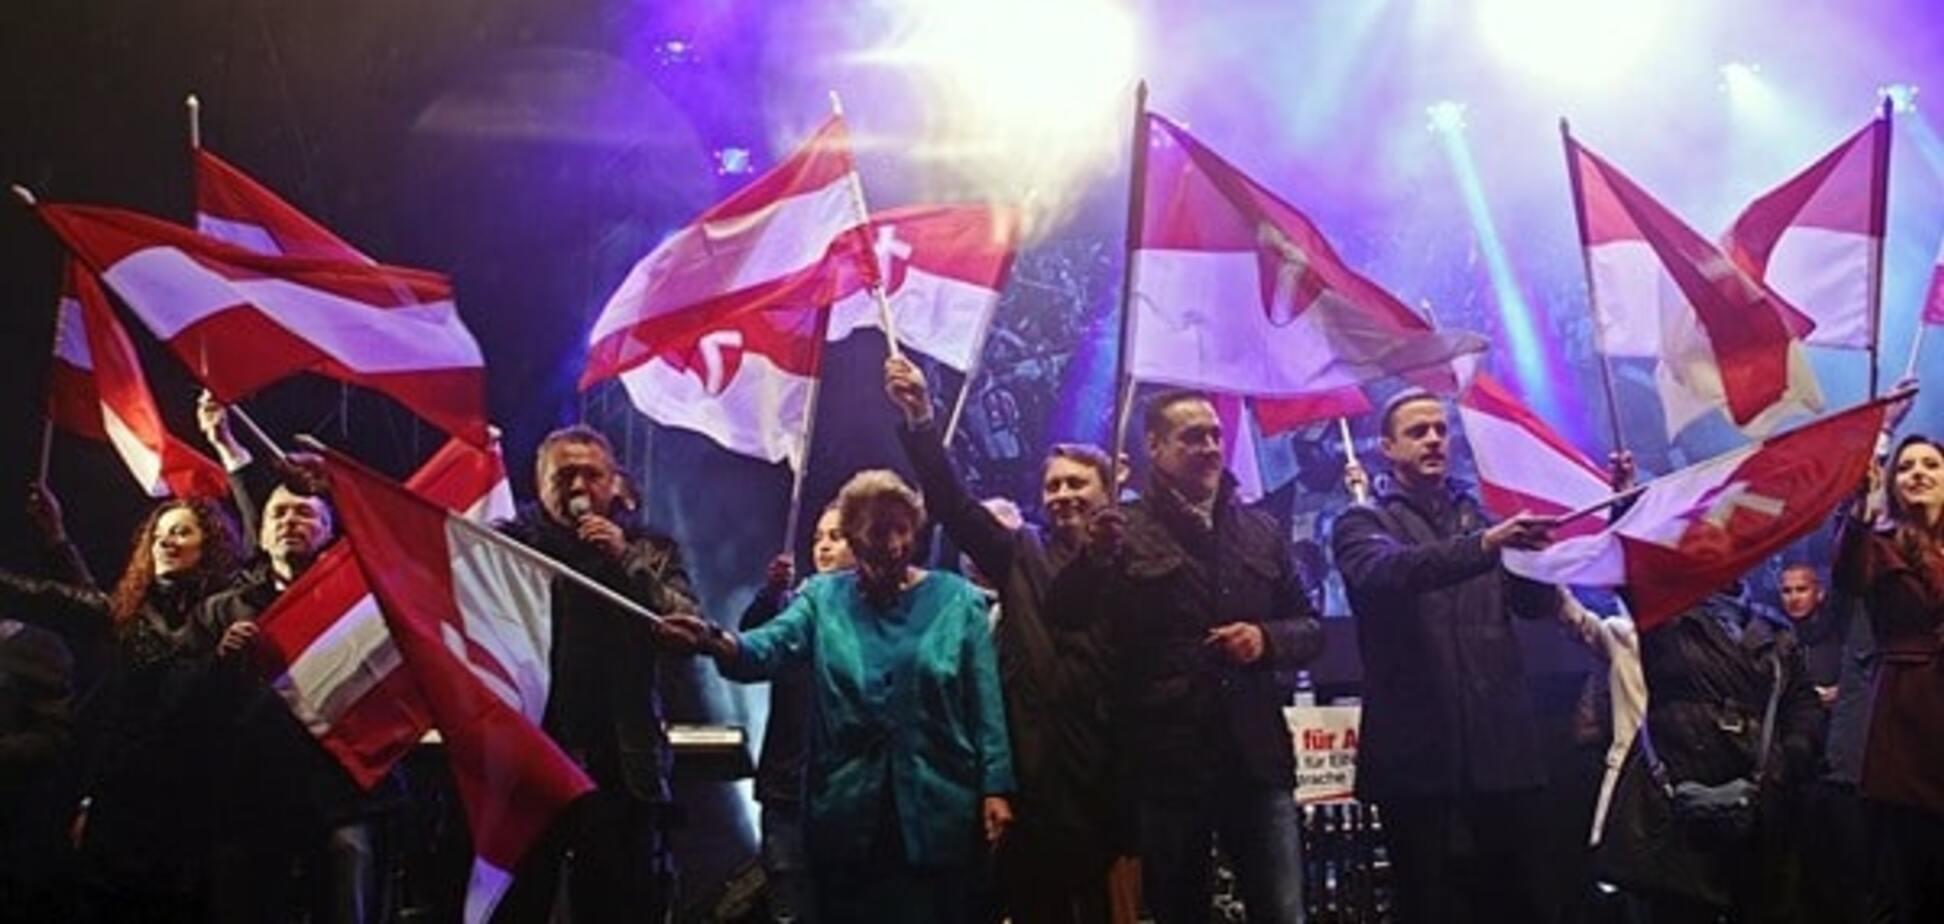 Моцарт бы удивился: выборы президента в Австрии